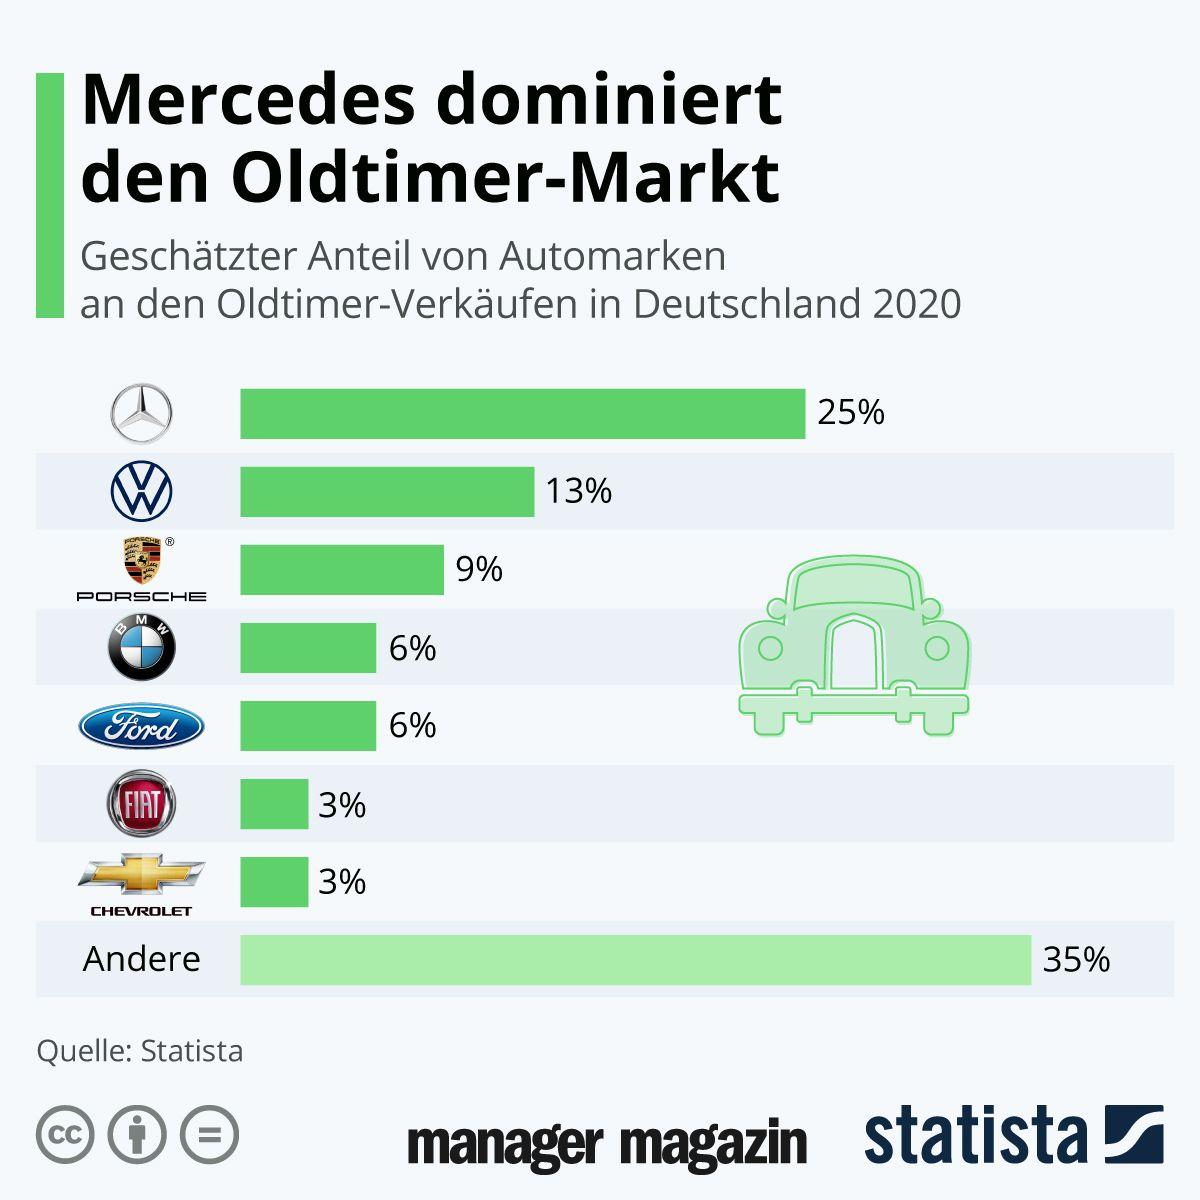 Grafik der Woche / KW 11 / Mercedes dominiert den Oldtimer-Markt